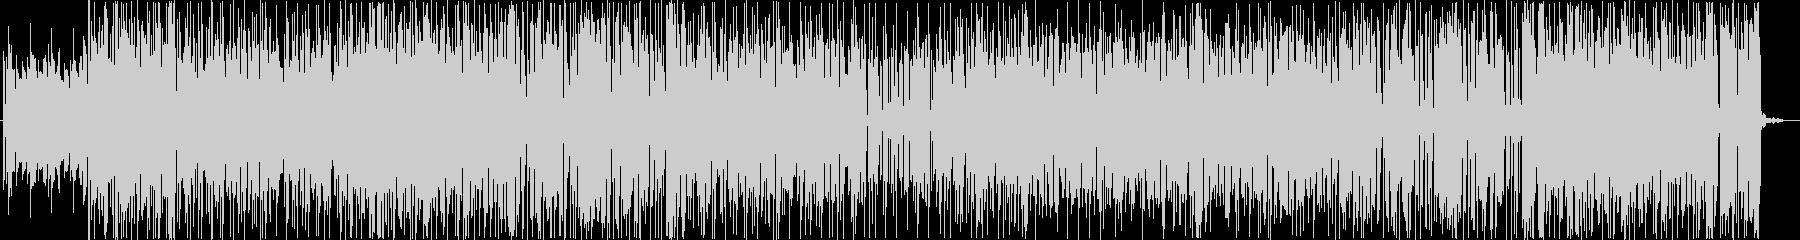 軽快なファンクサウンドの未再生の波形